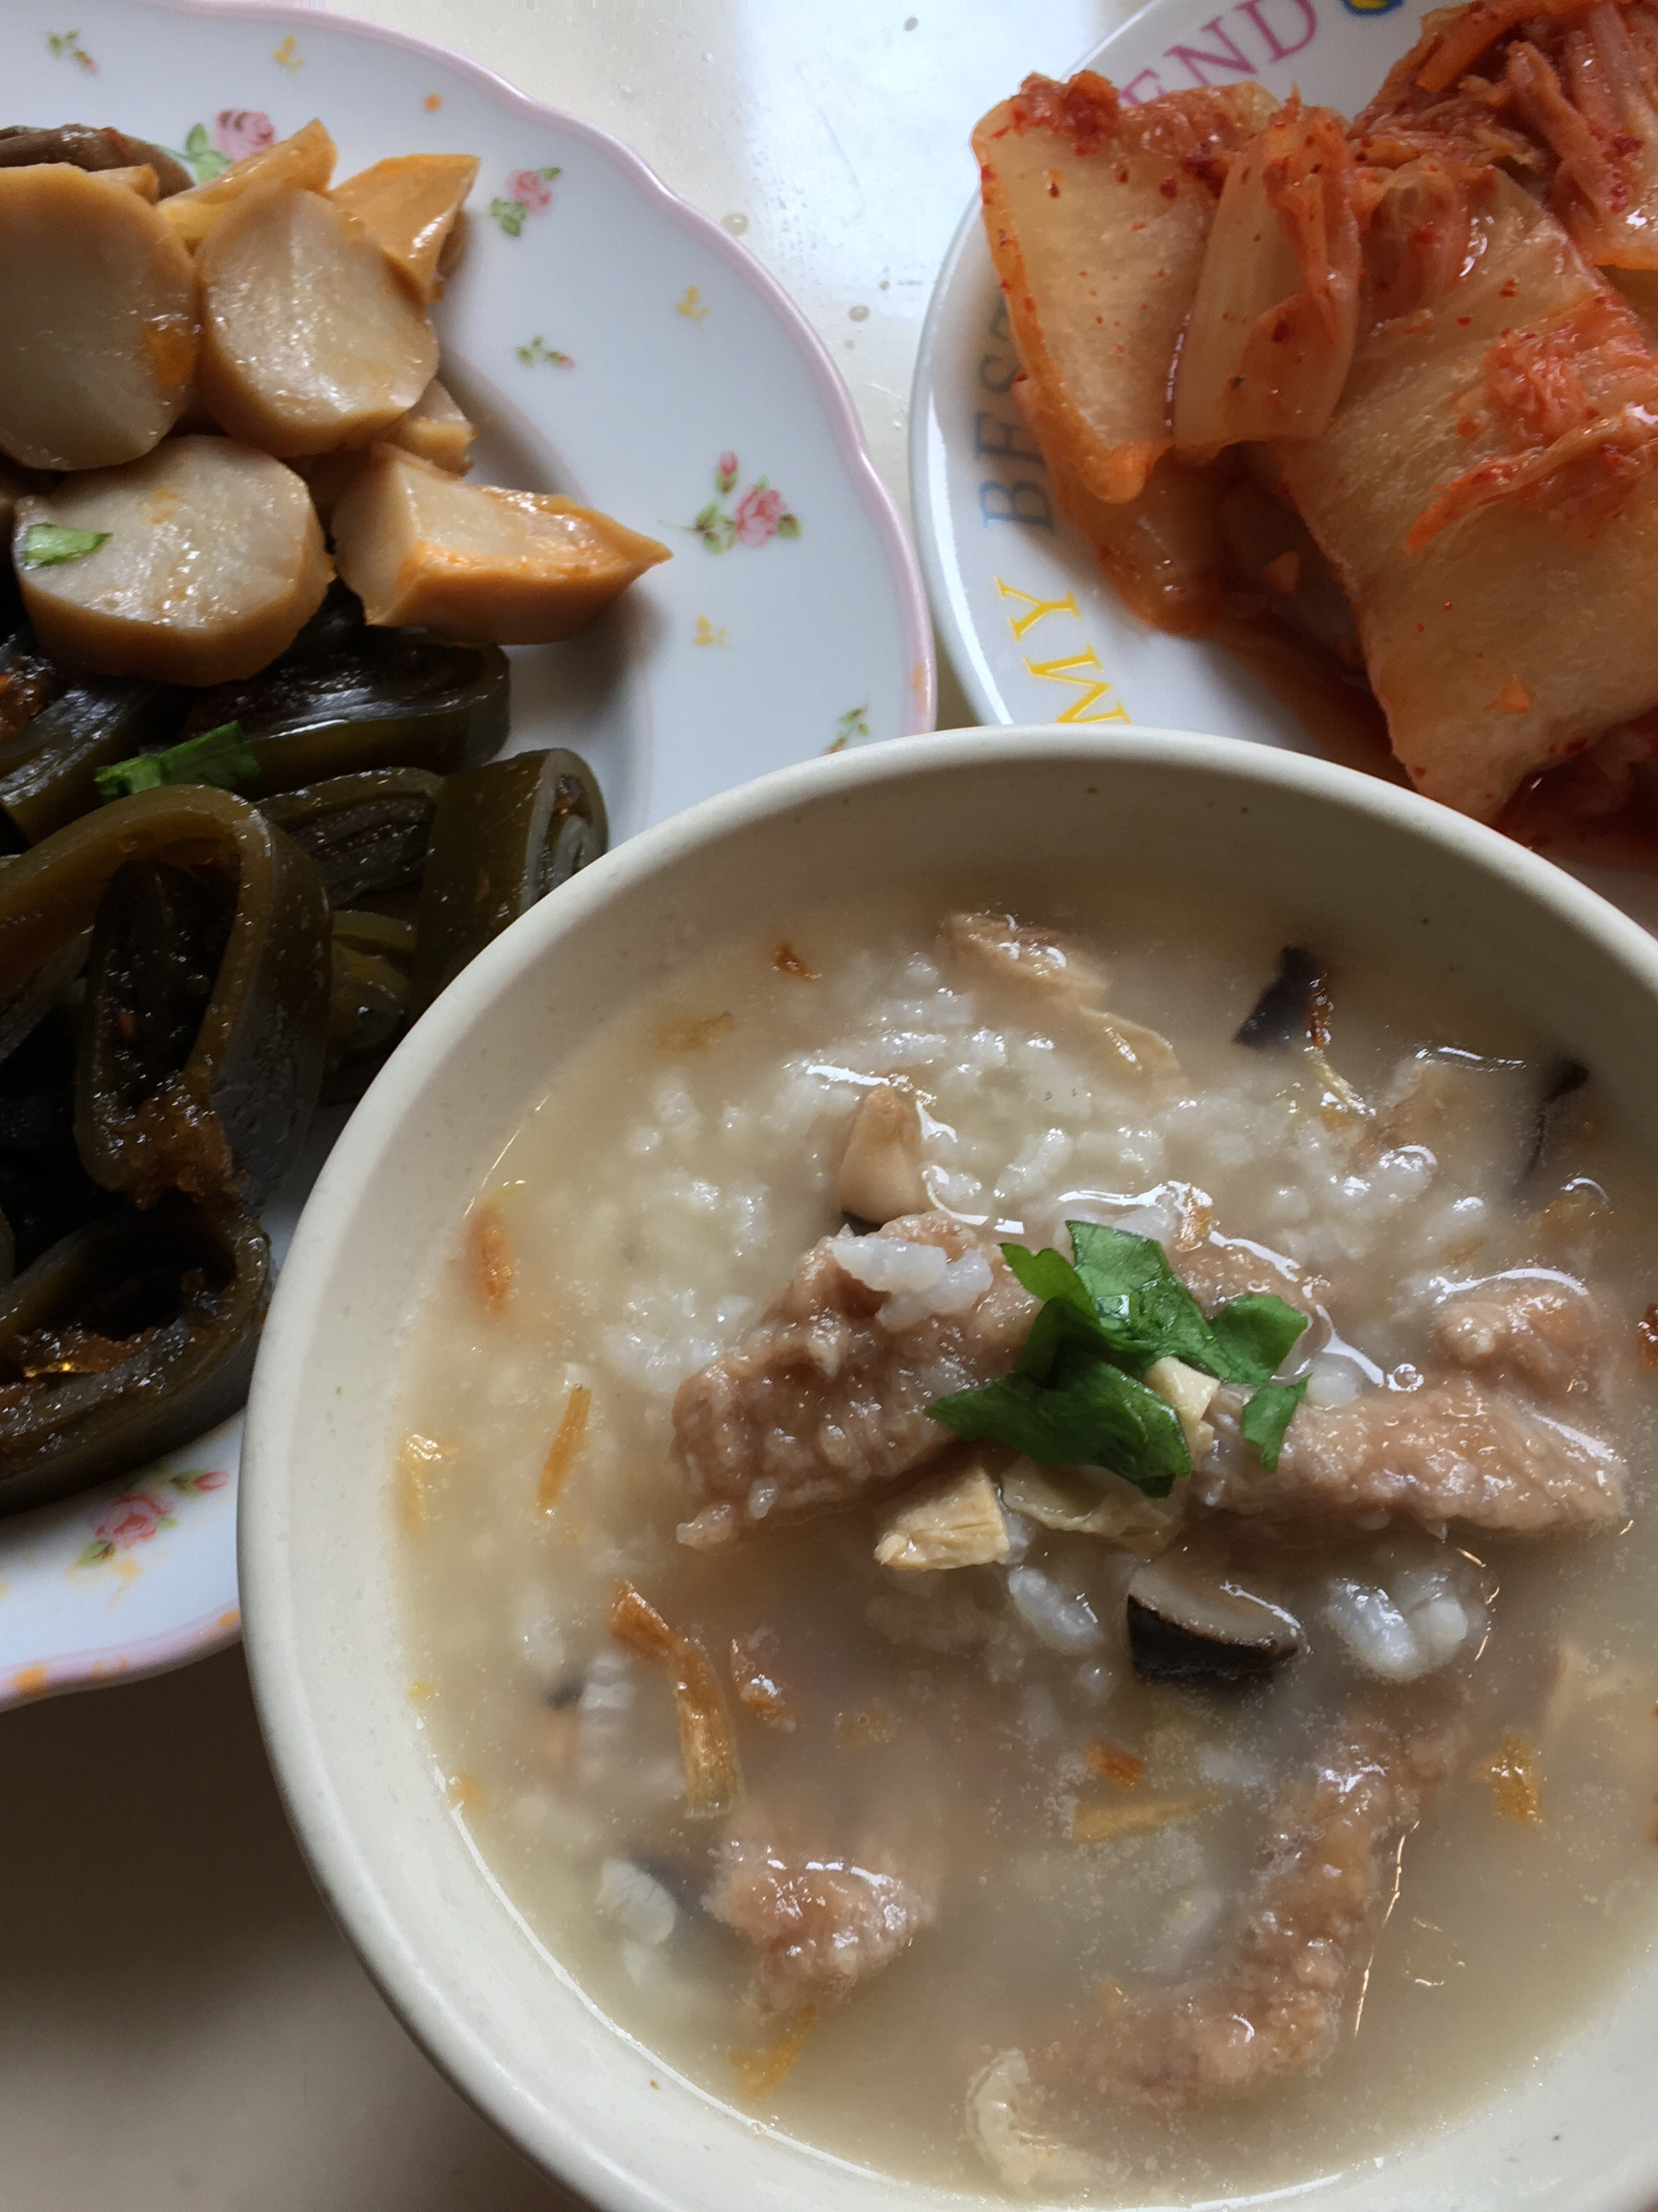 肉粥(鹹粥)